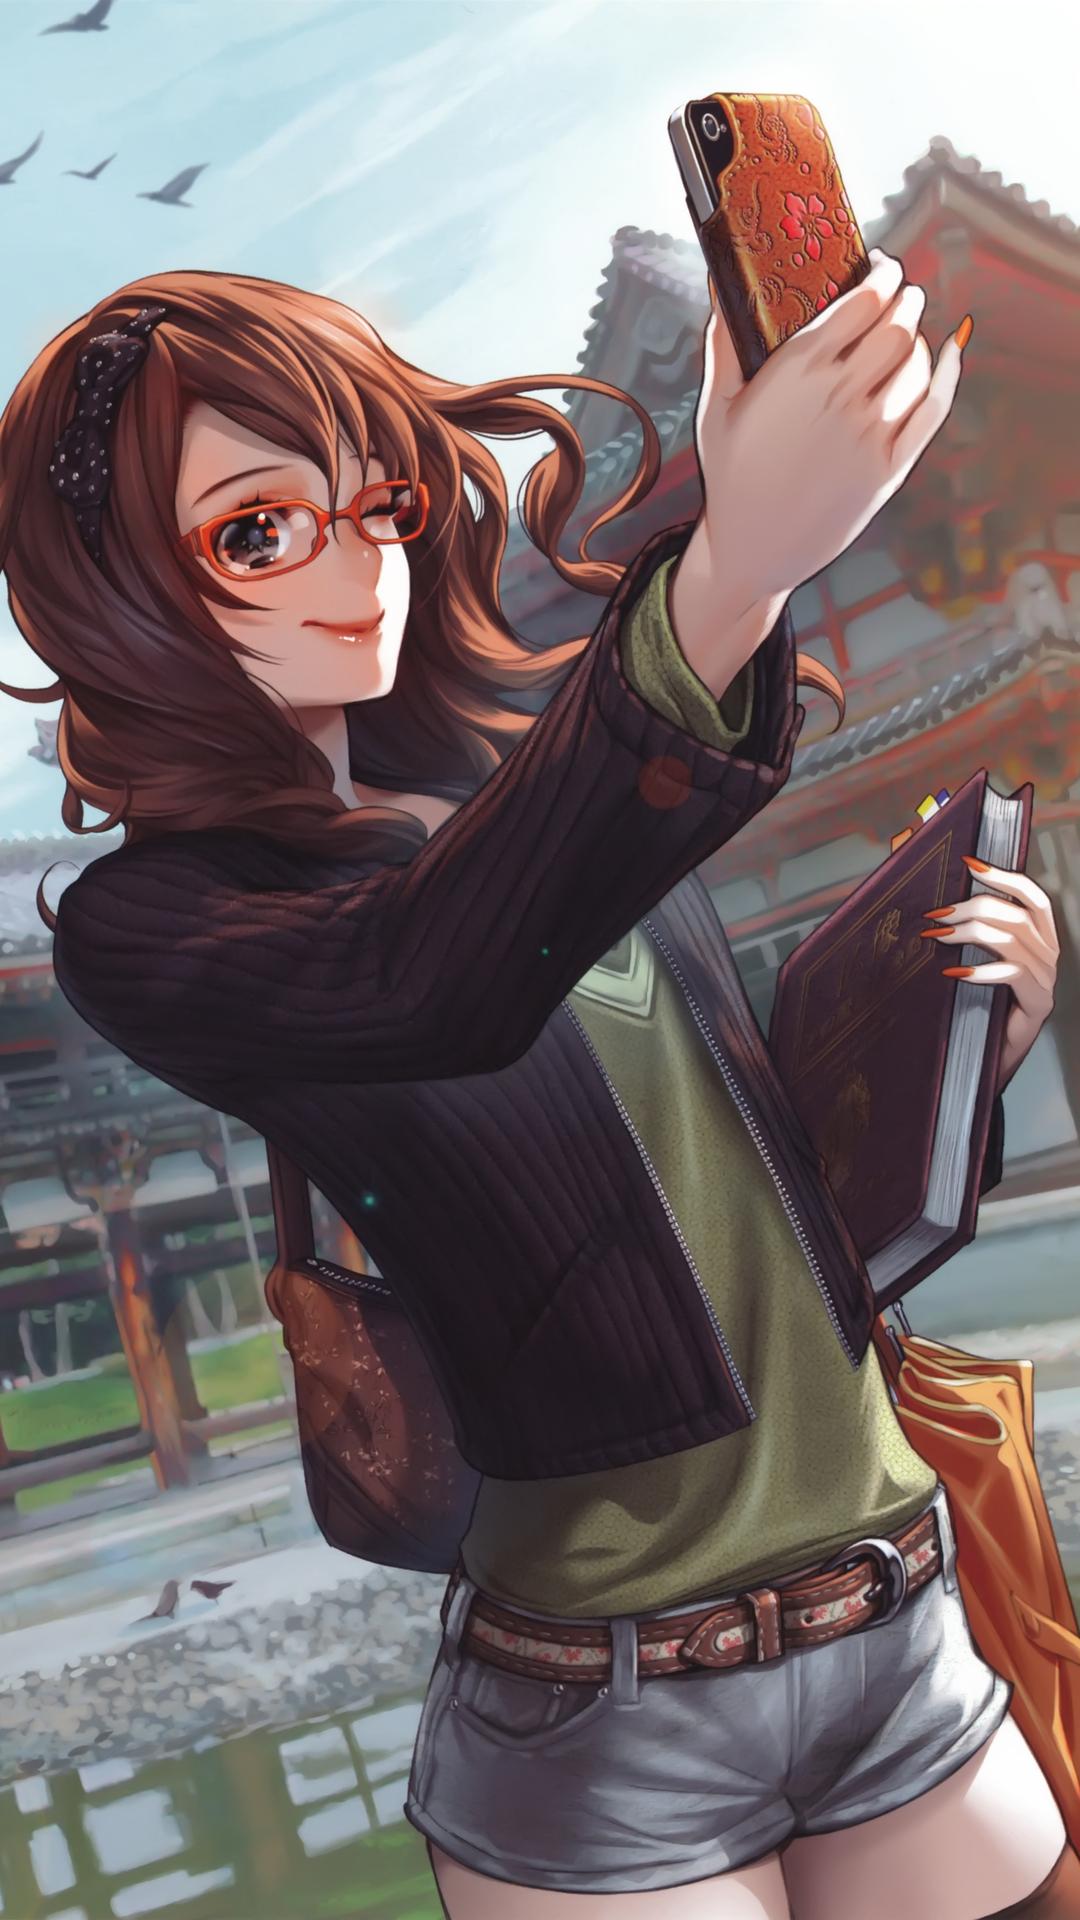 anime-girl-taking-selfie-m1.jpg